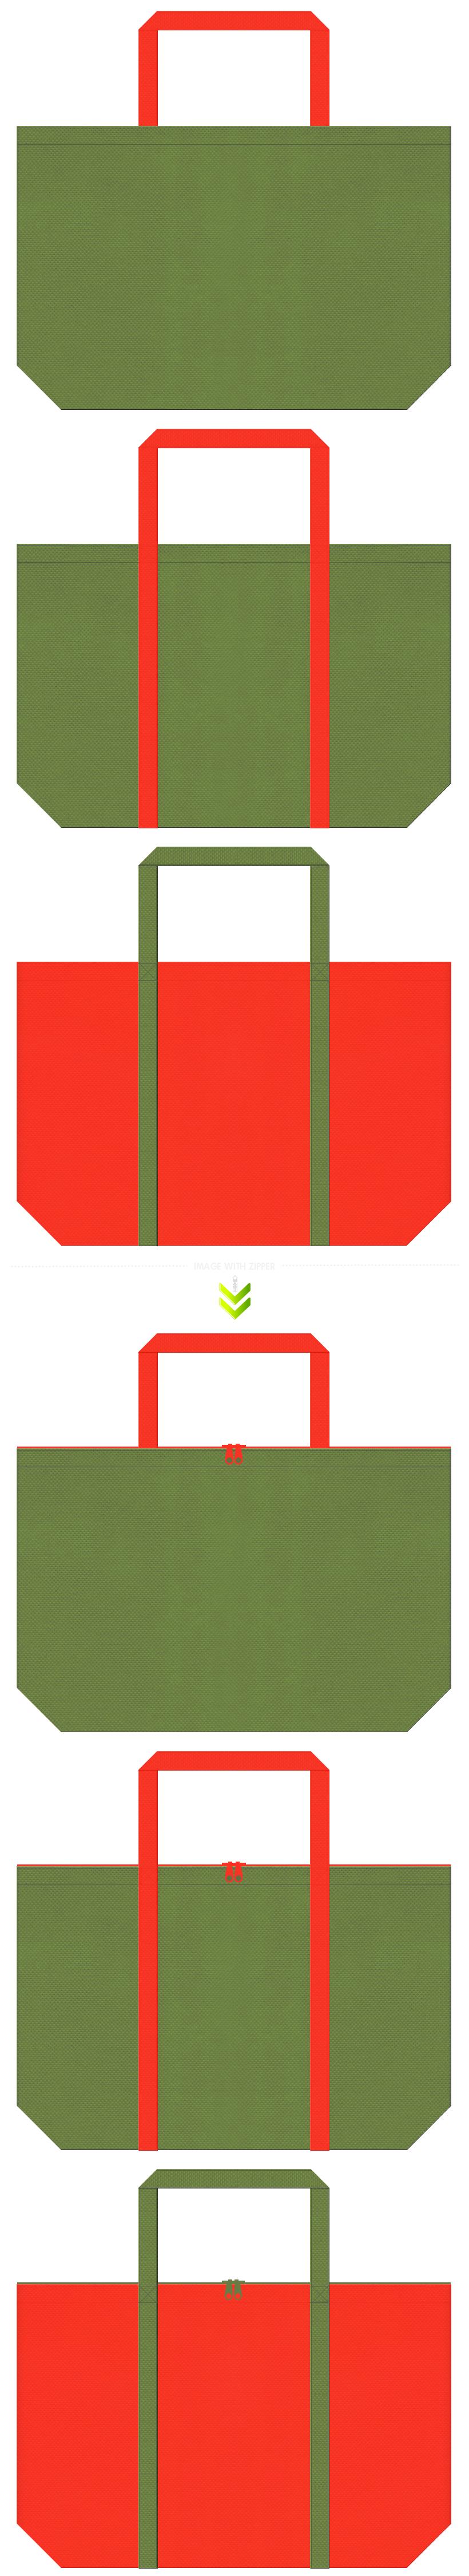 草色とオレンジ色の不織布バッグデザイン。和雑貨のショッピングバッグにお奨めです。抹茶オレンジ風。